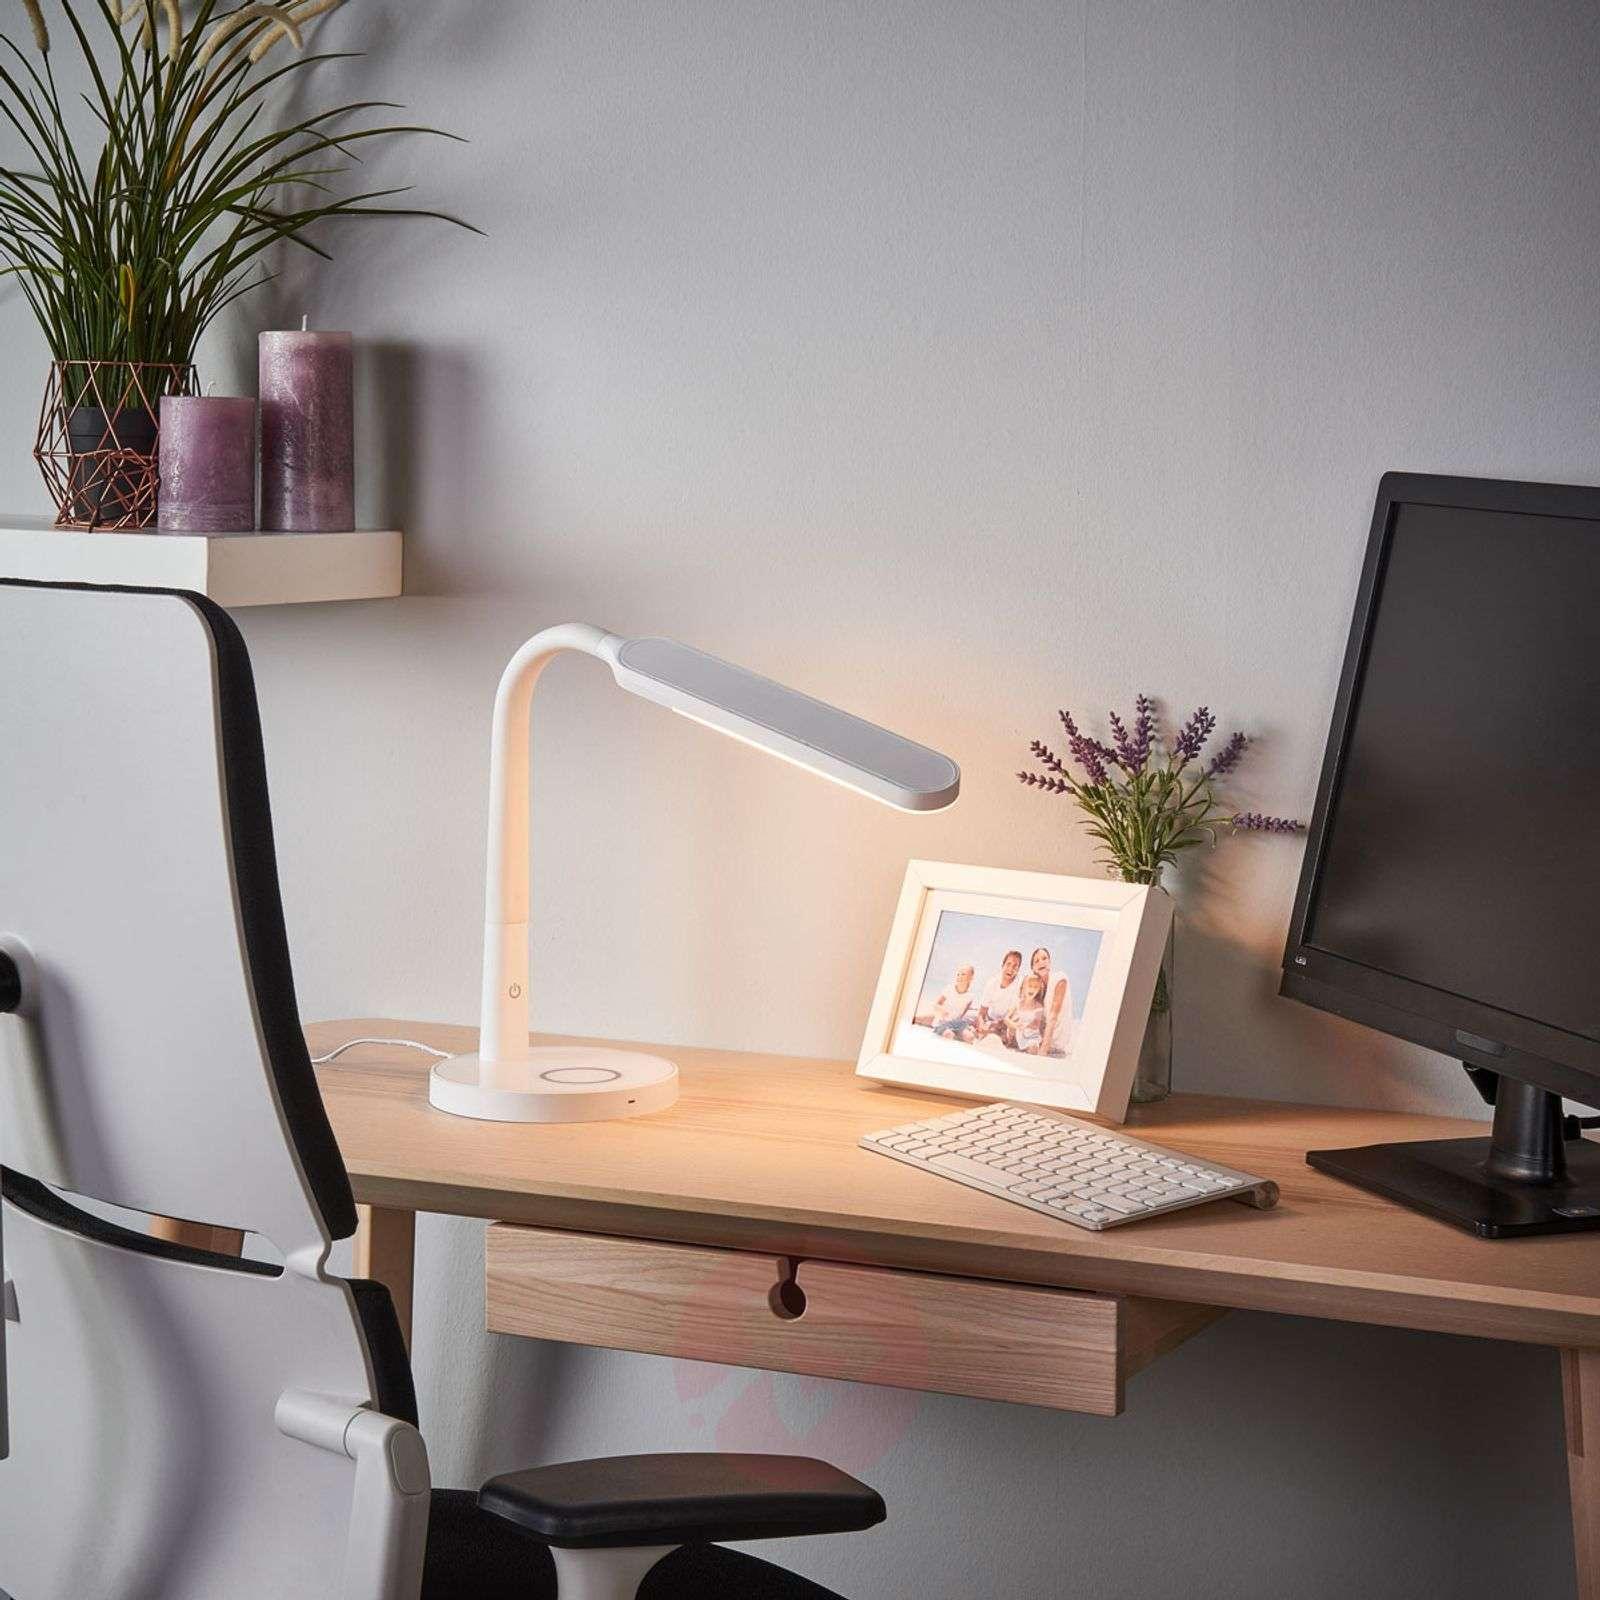 Valkoinen Maily-työpöytävalaisin LED, USB-portti-9643037-02